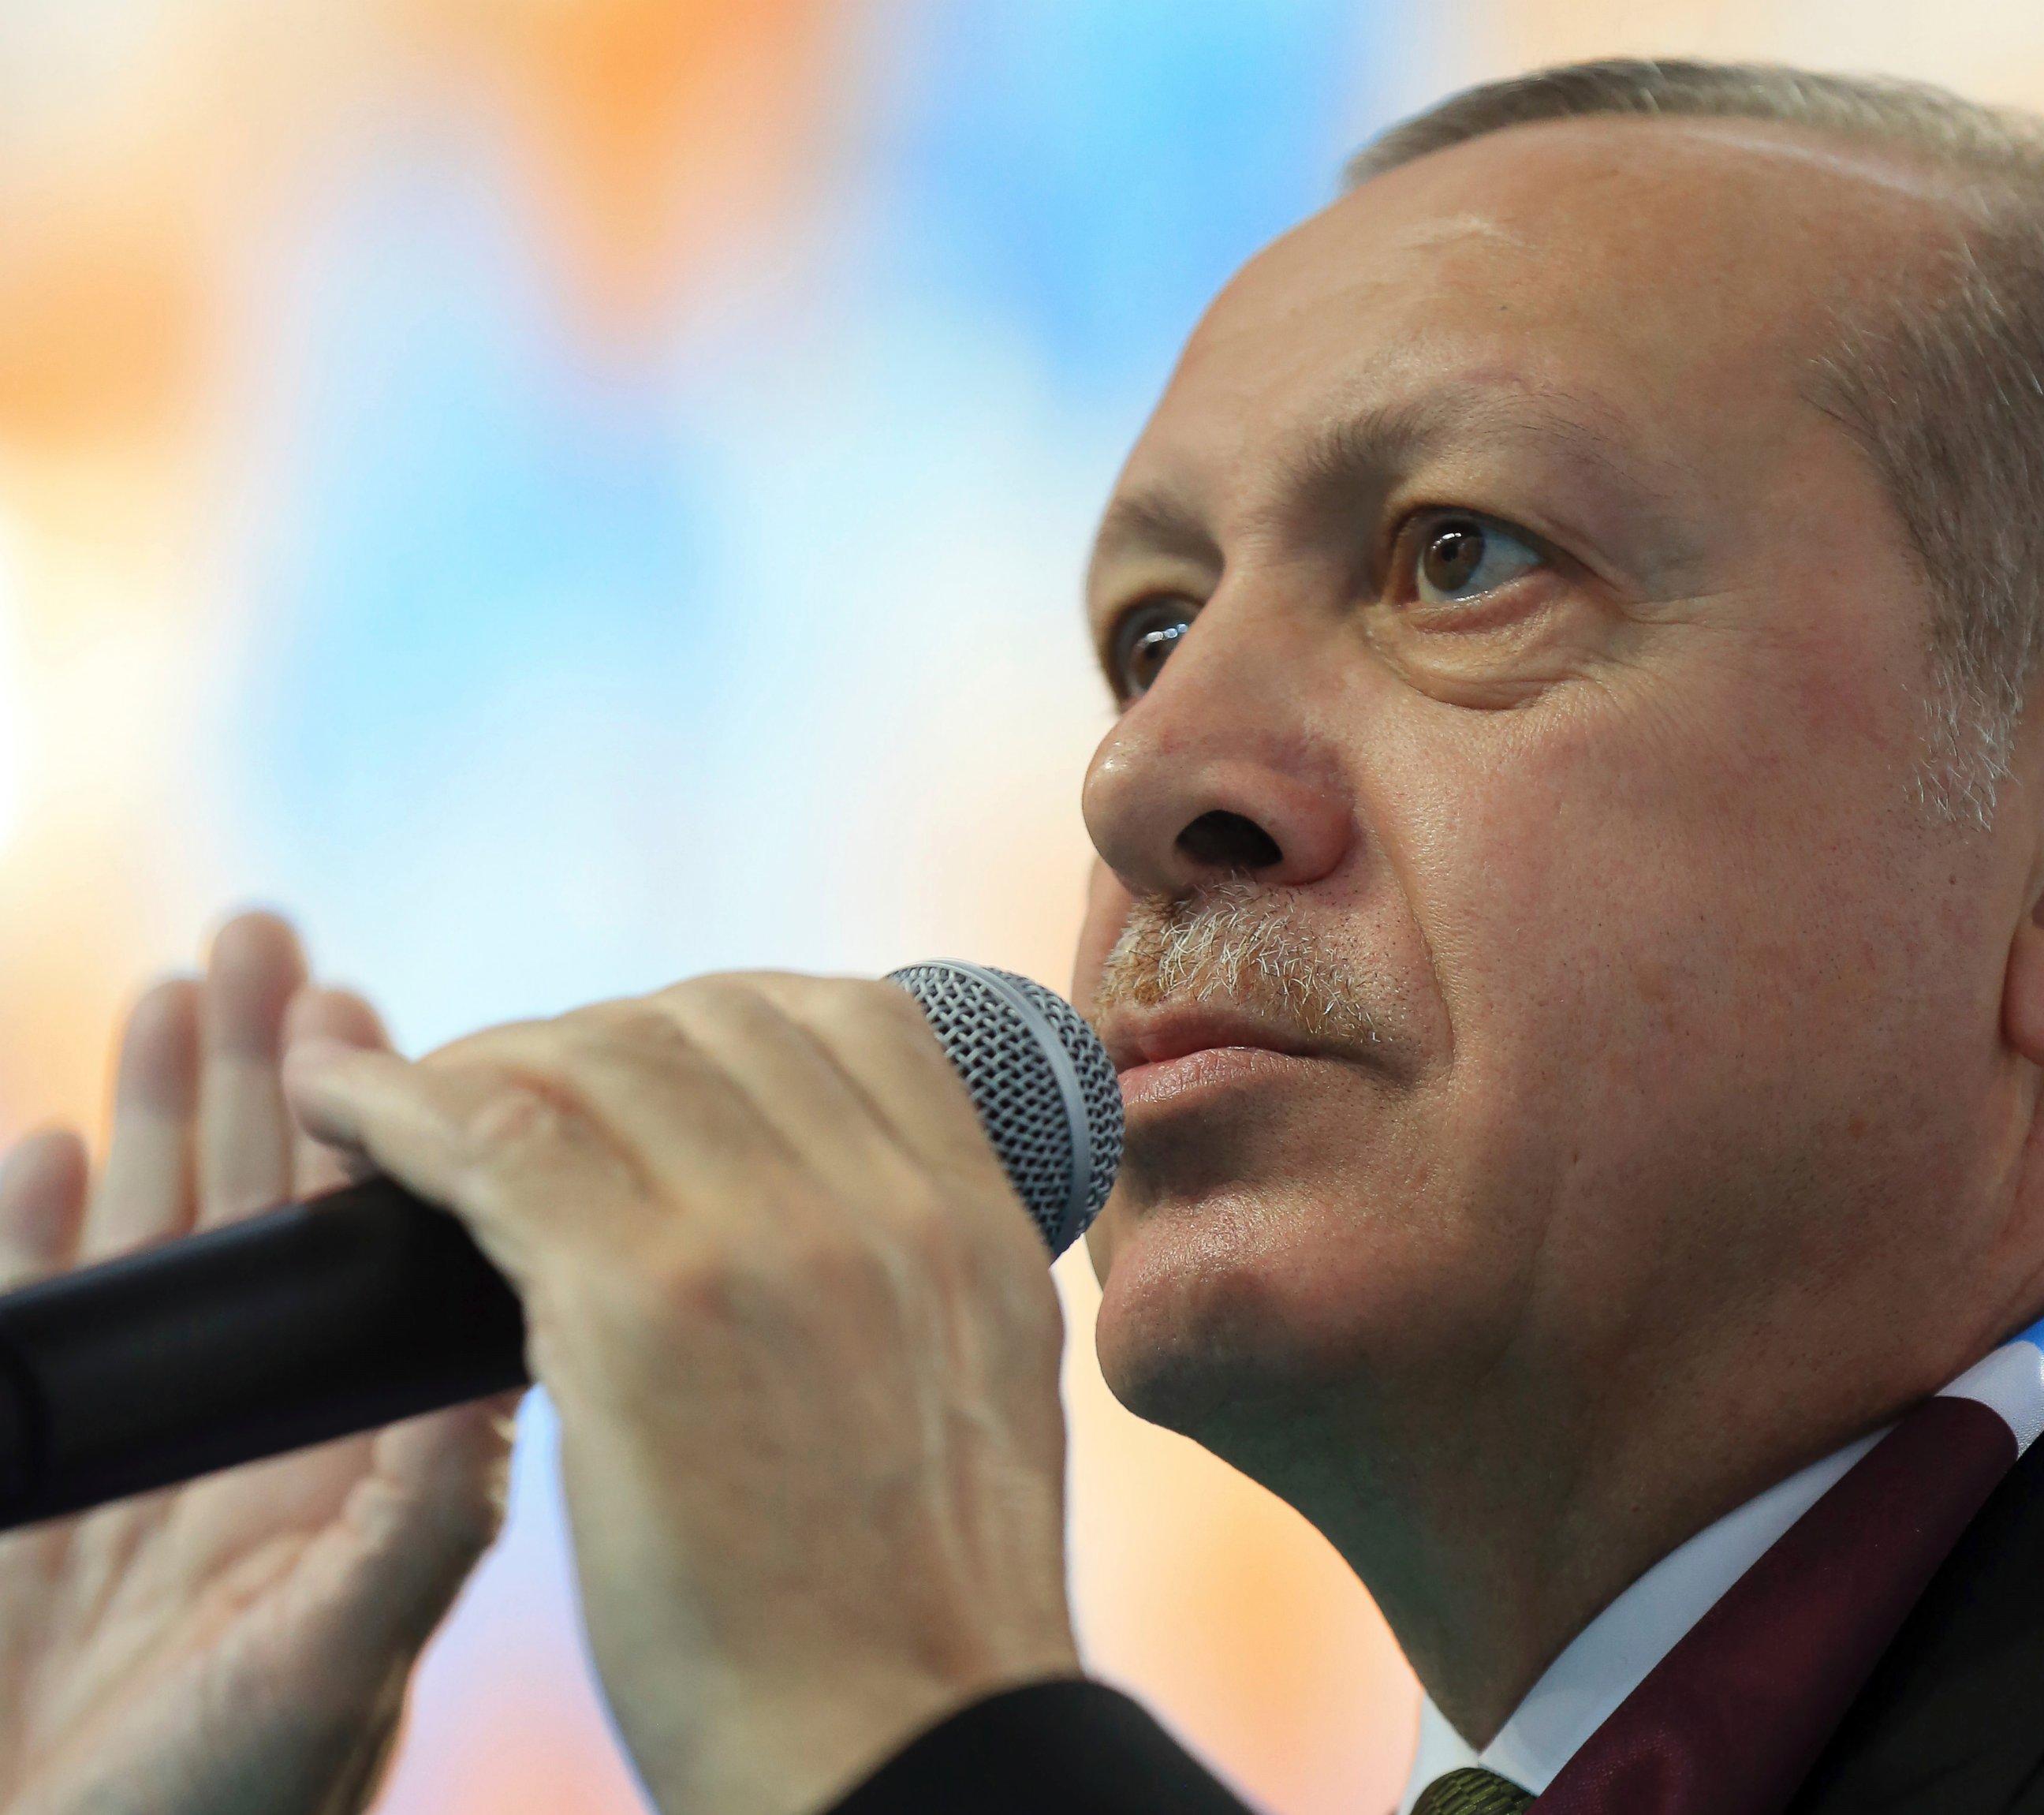 Ο Ερντογάν συσχετίζει τους 2 Έλληνες στρατιωτικούς με τους 8 Τούρκους αξιωματικούς